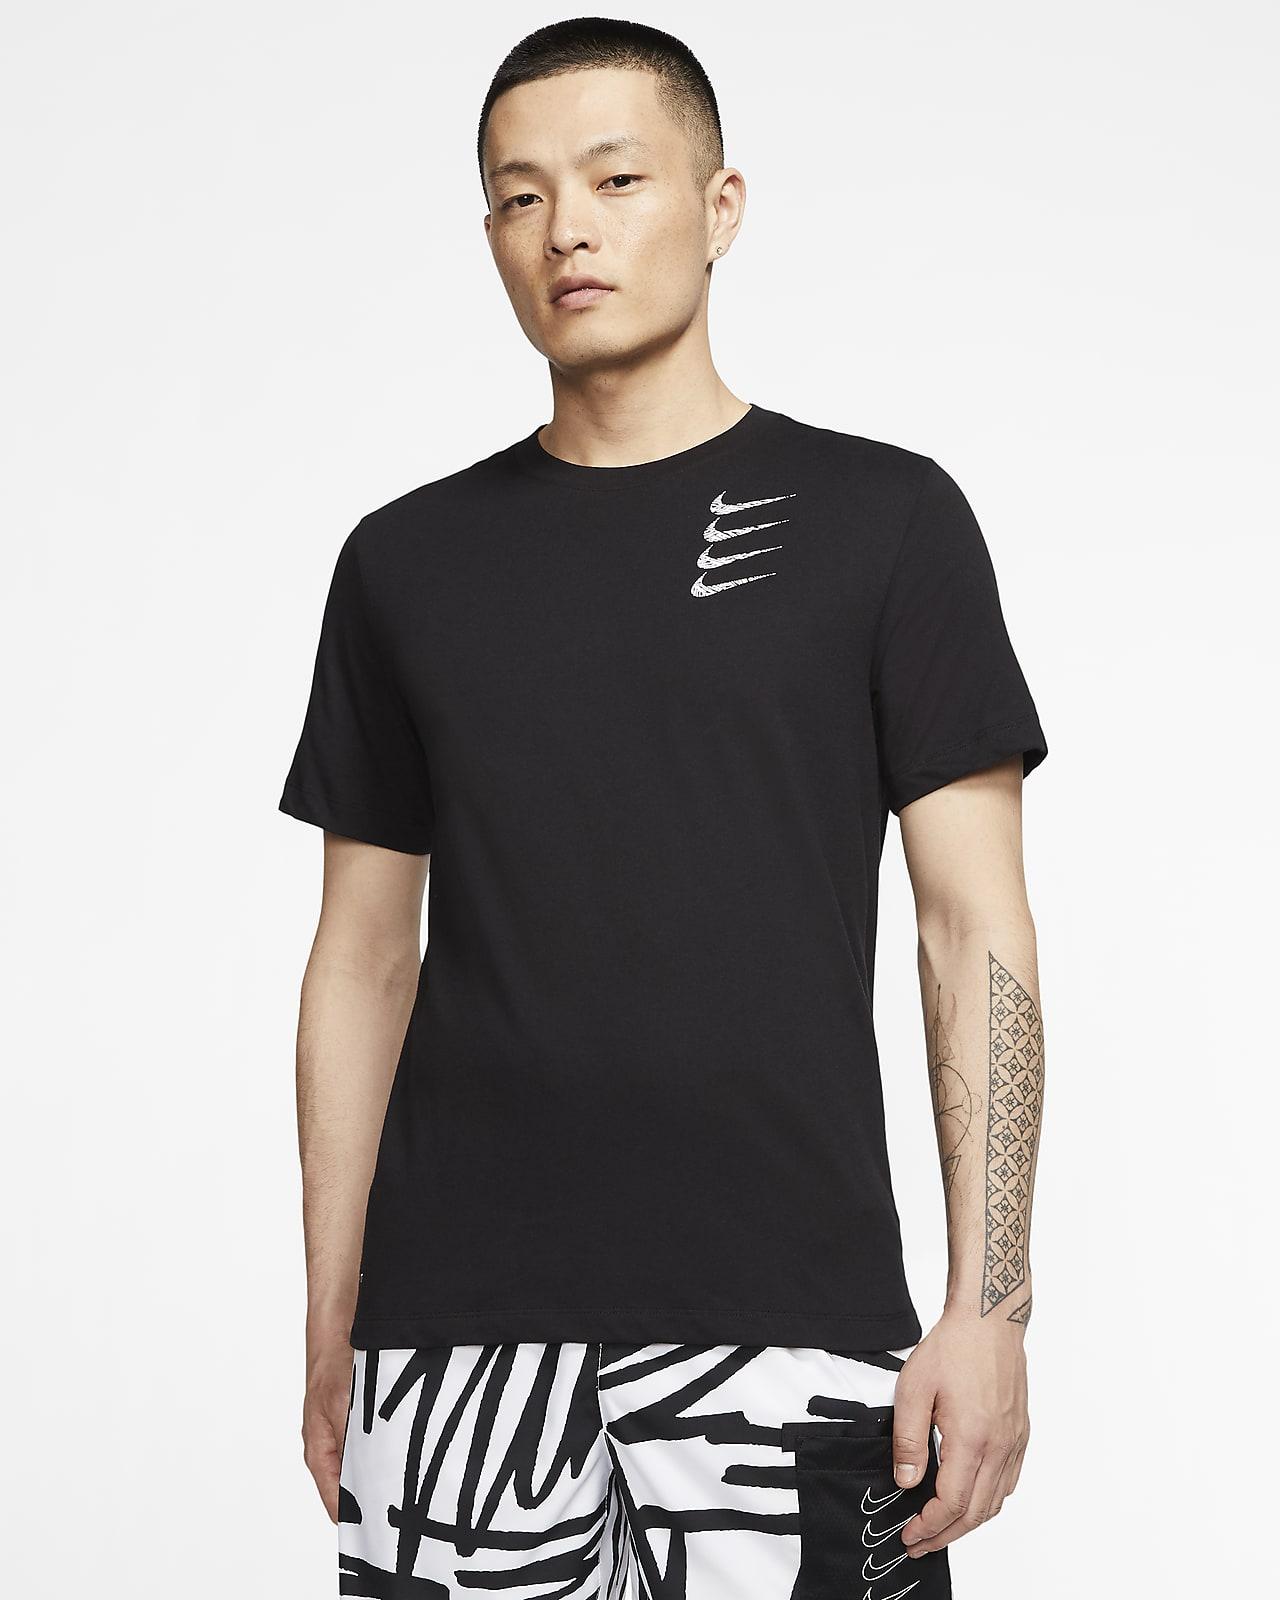 เสื้อยืดเทรนนิ่งผู้ชายมีกราฟิก Nike Dri-FIT